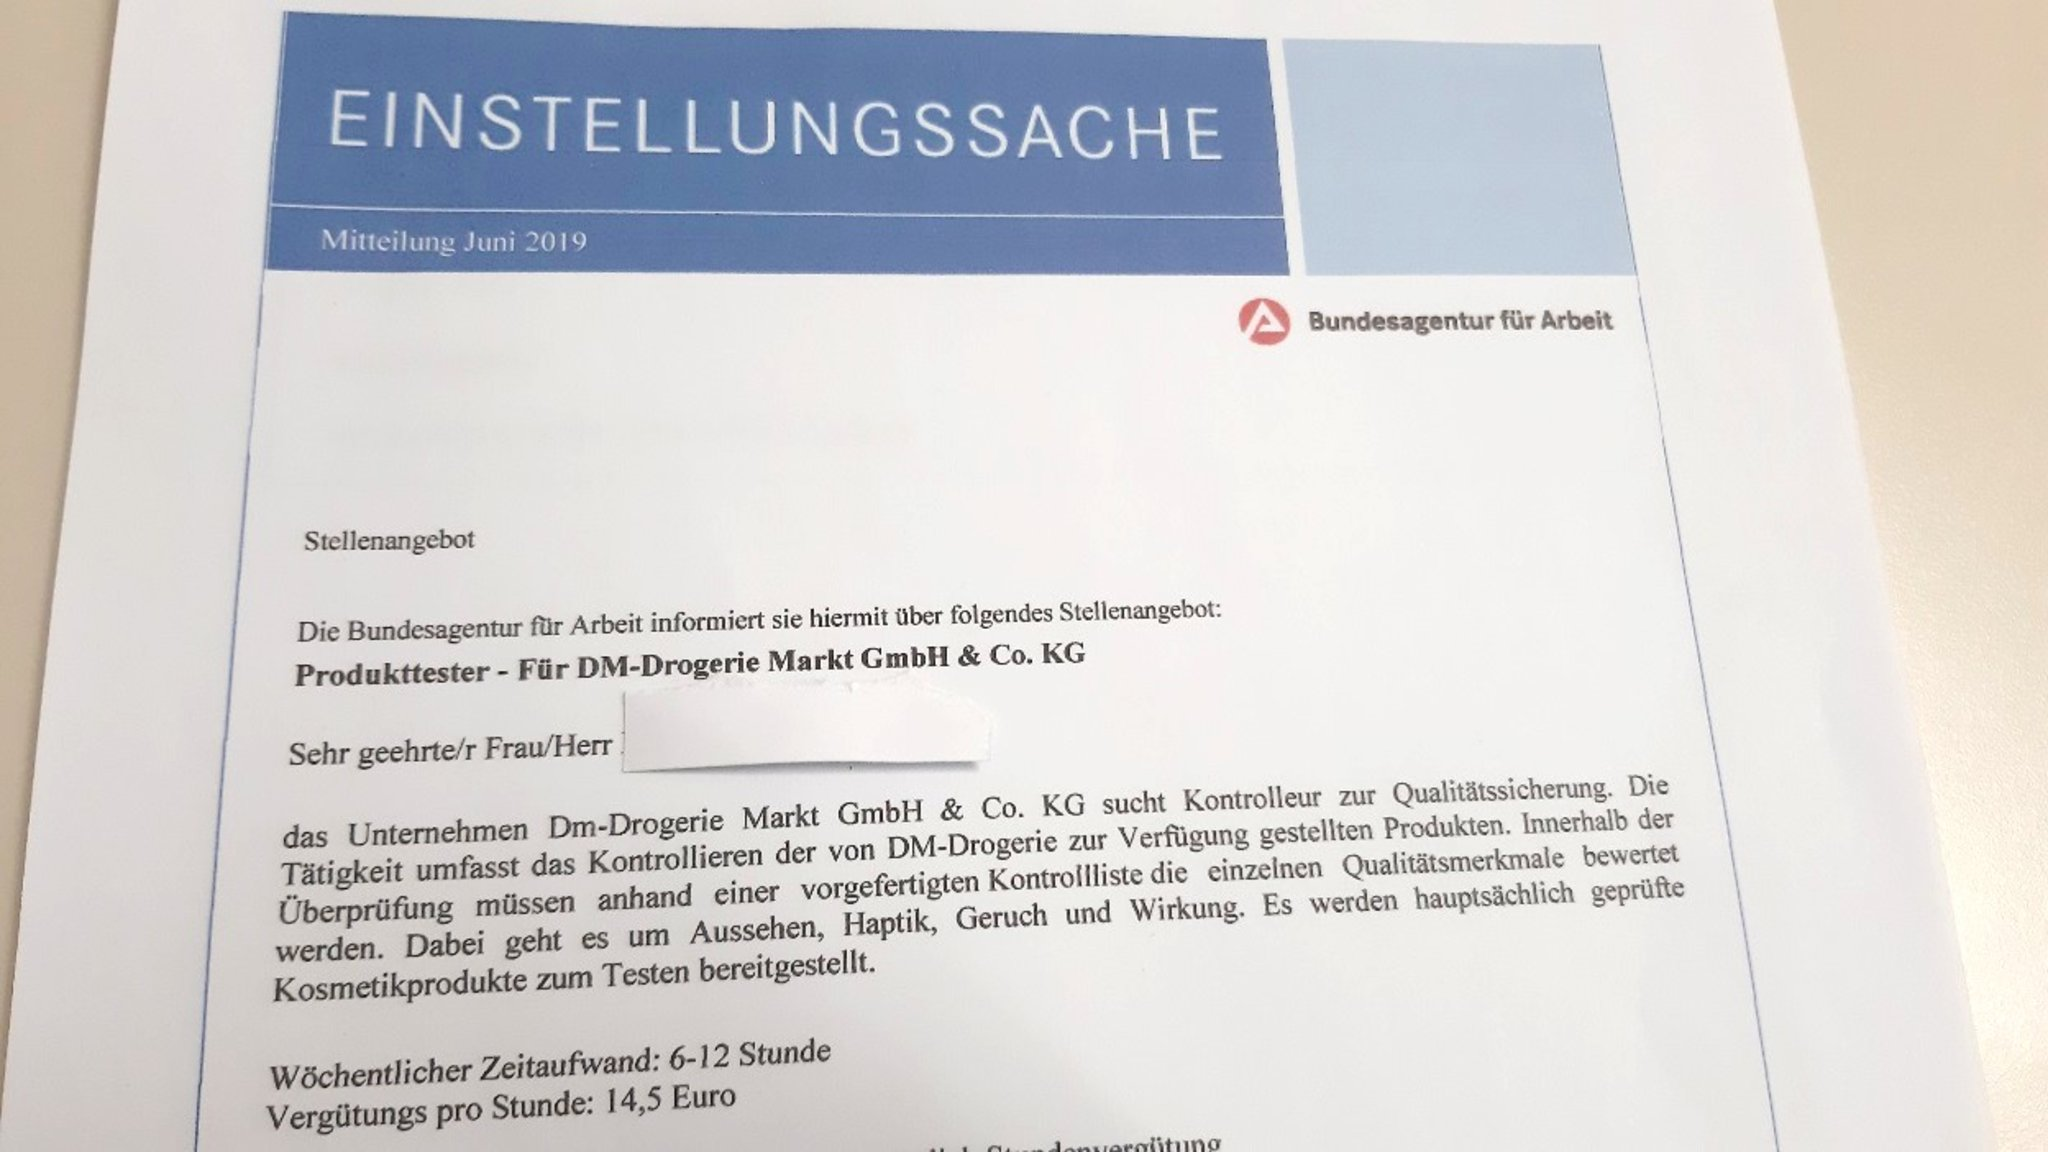 agentur für arbeit aschaffenburg jobs